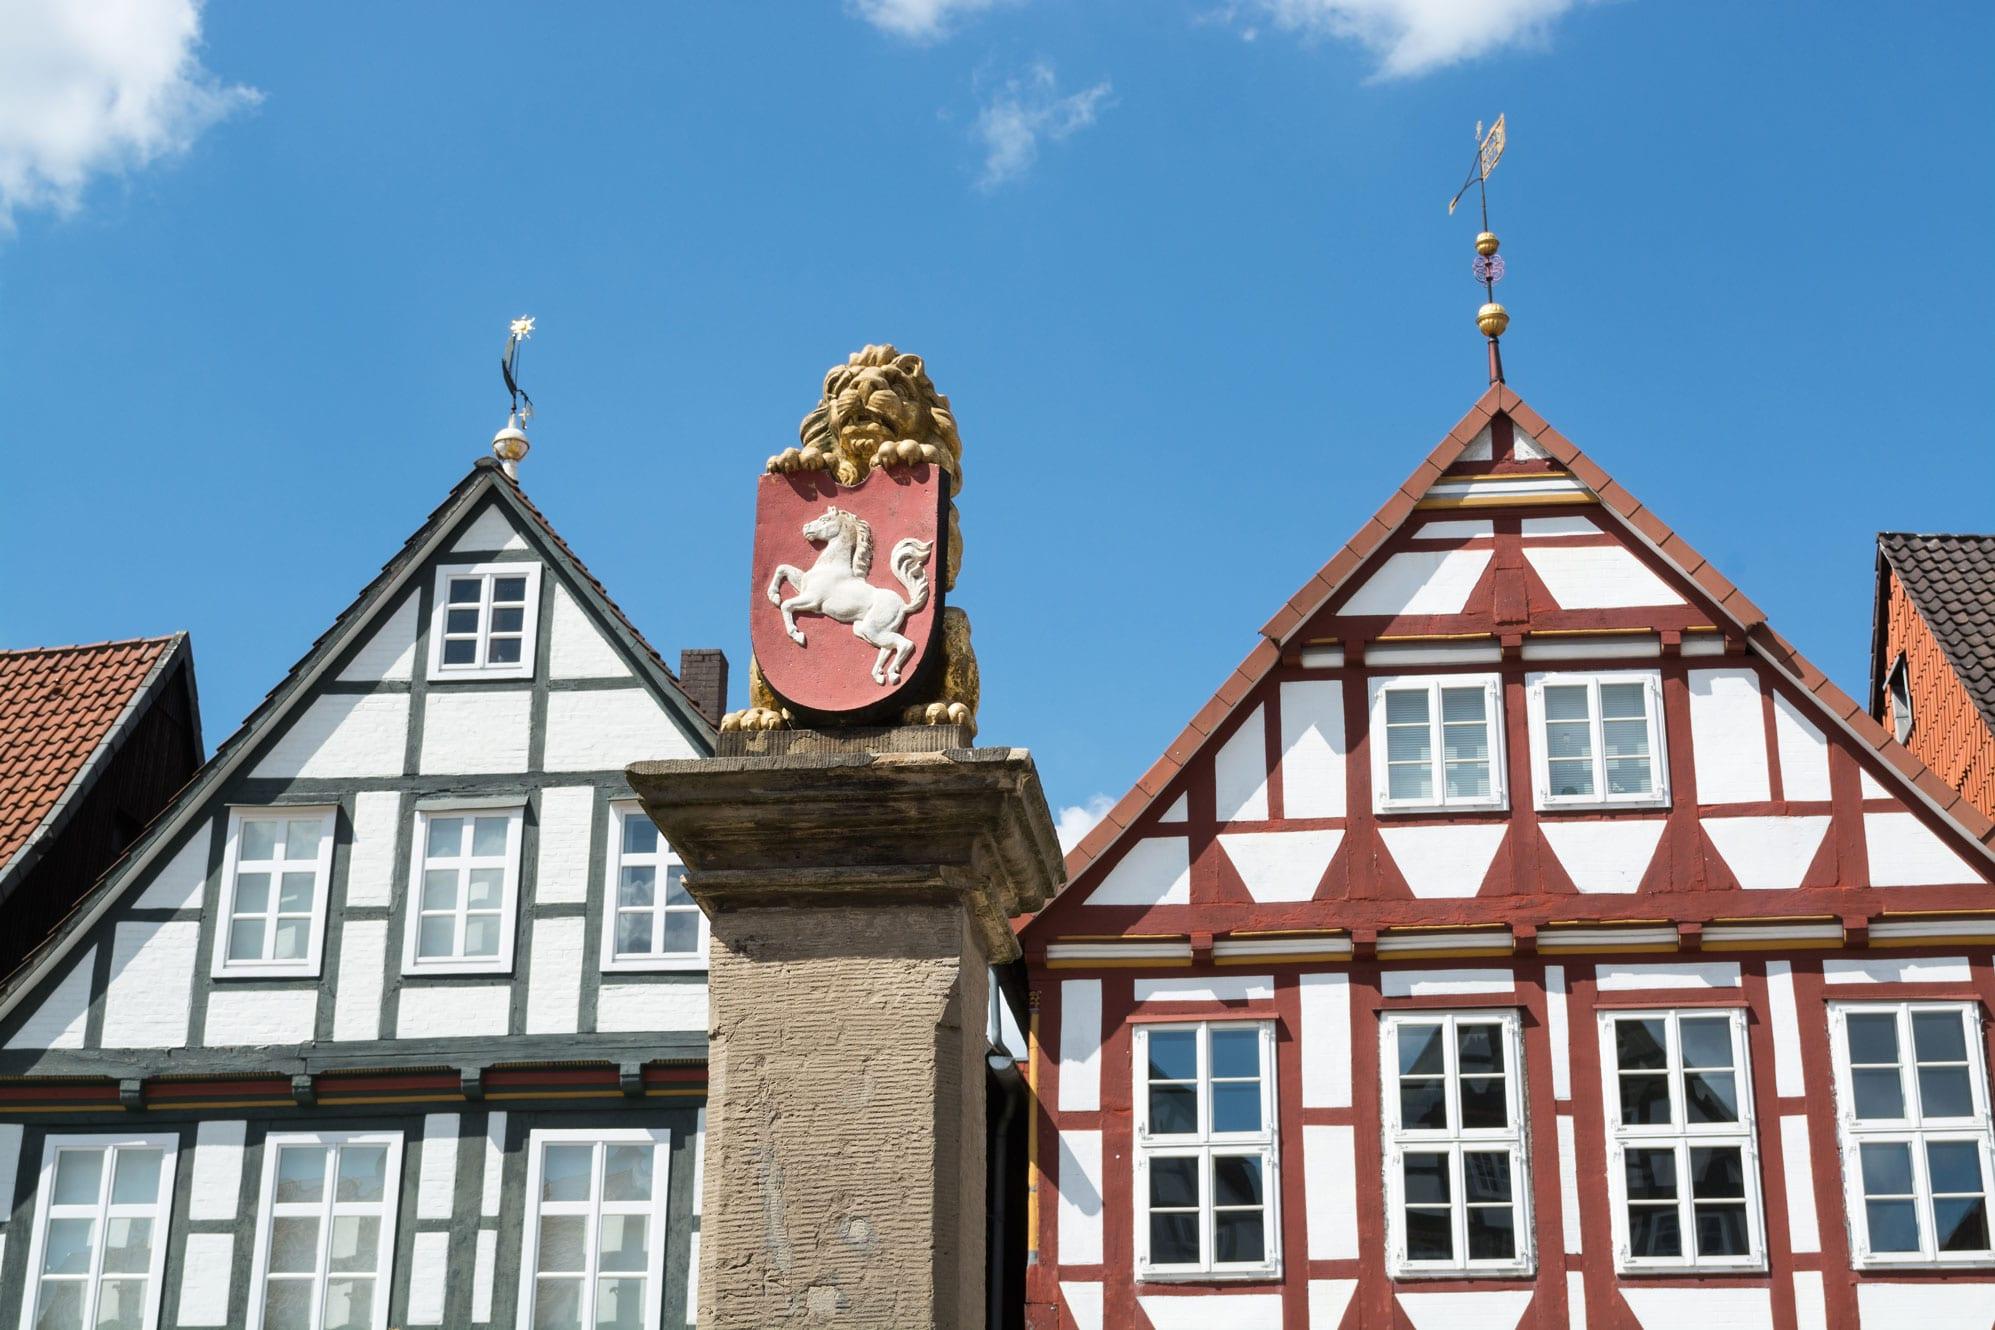 Ansicht auf Fachwerkhäuser in Celle